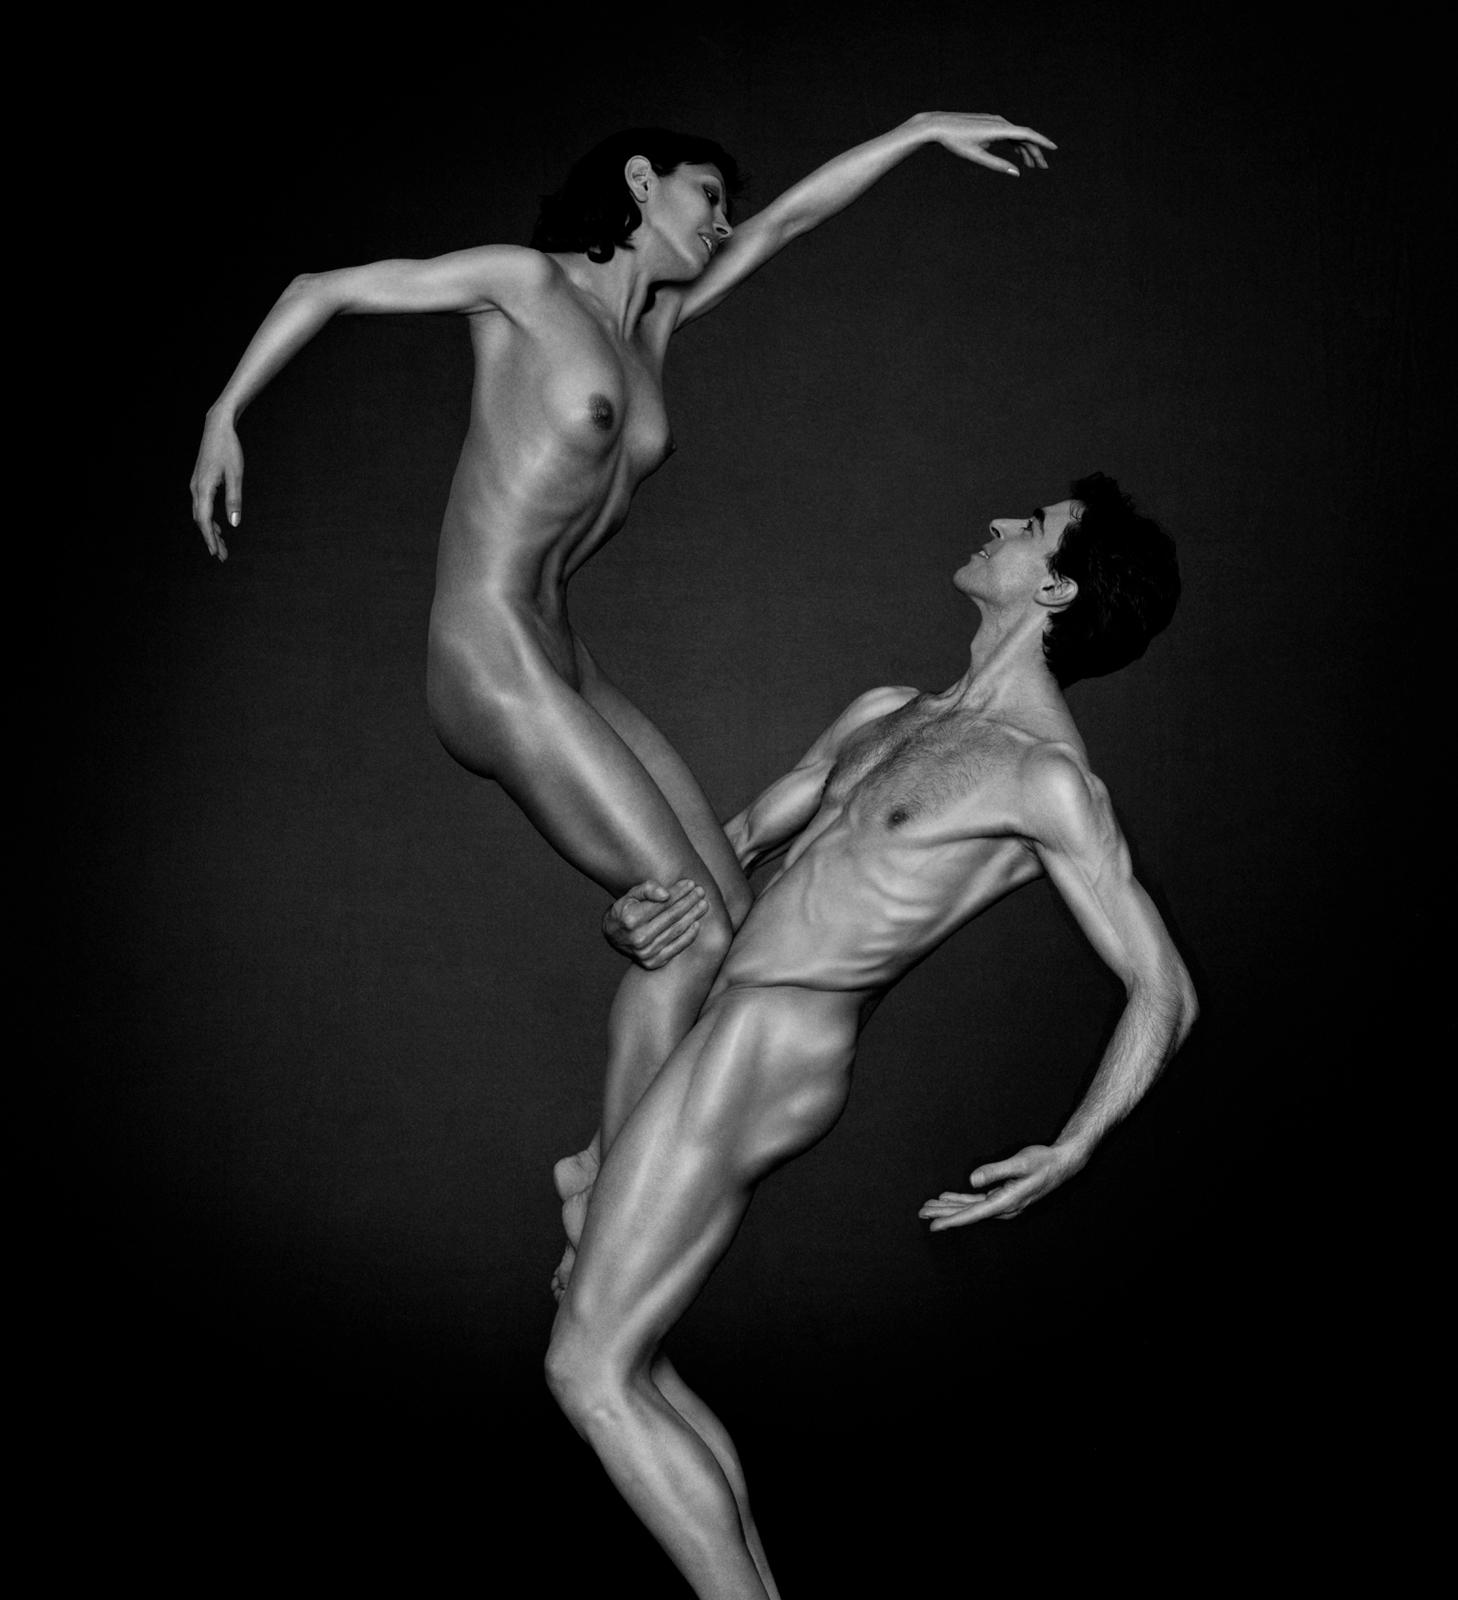 эротические танцы картинки он-лайн